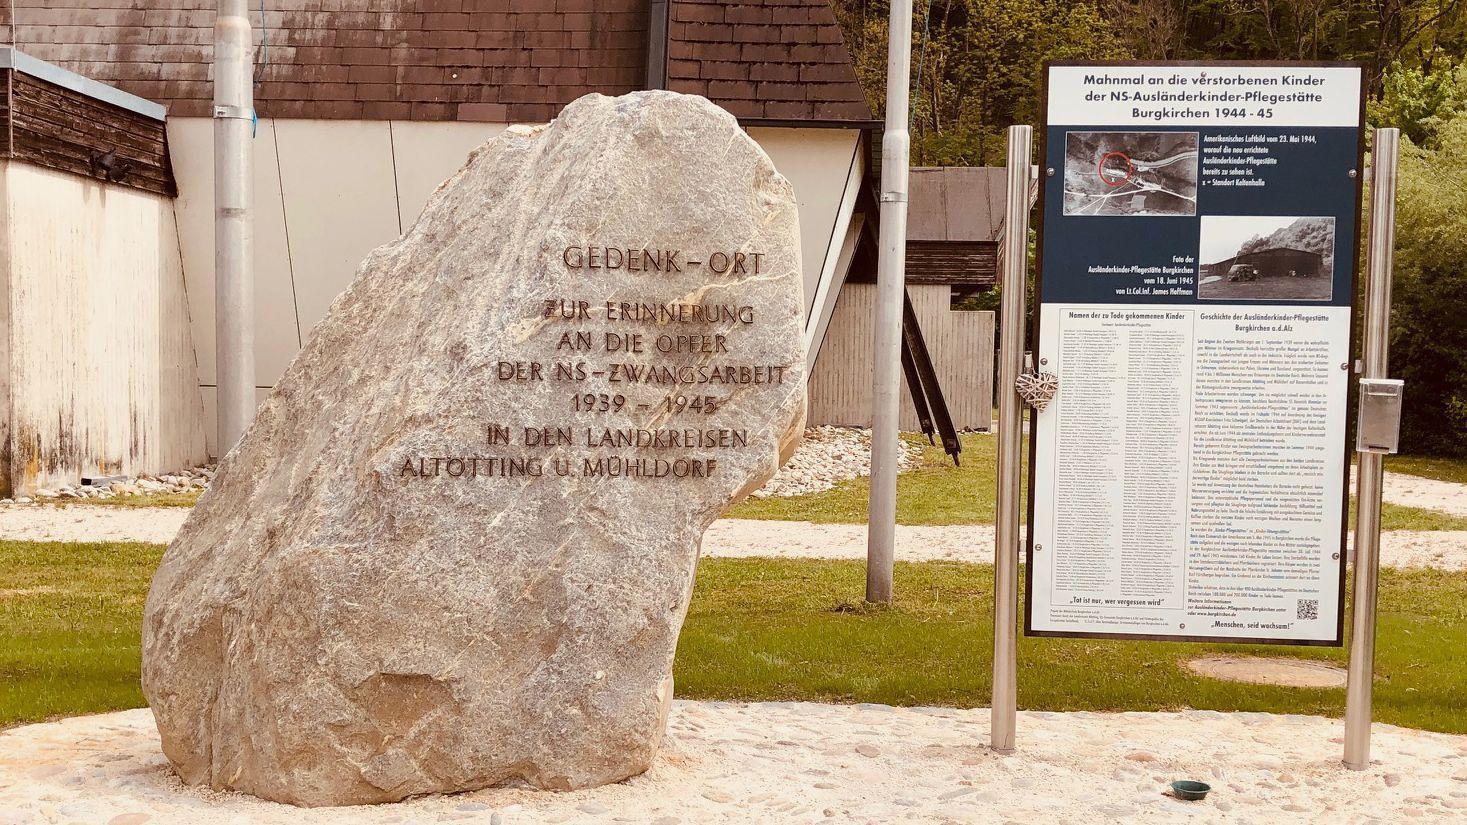 """Der Gedenkstein an der Gedenkstätte mit der Aufschrift """"Zur Erinnerung an die Opfer der NS-Zwangsarbeit 1939 bis 1945 in den Landkreisen Altötting und Mühldorf."""